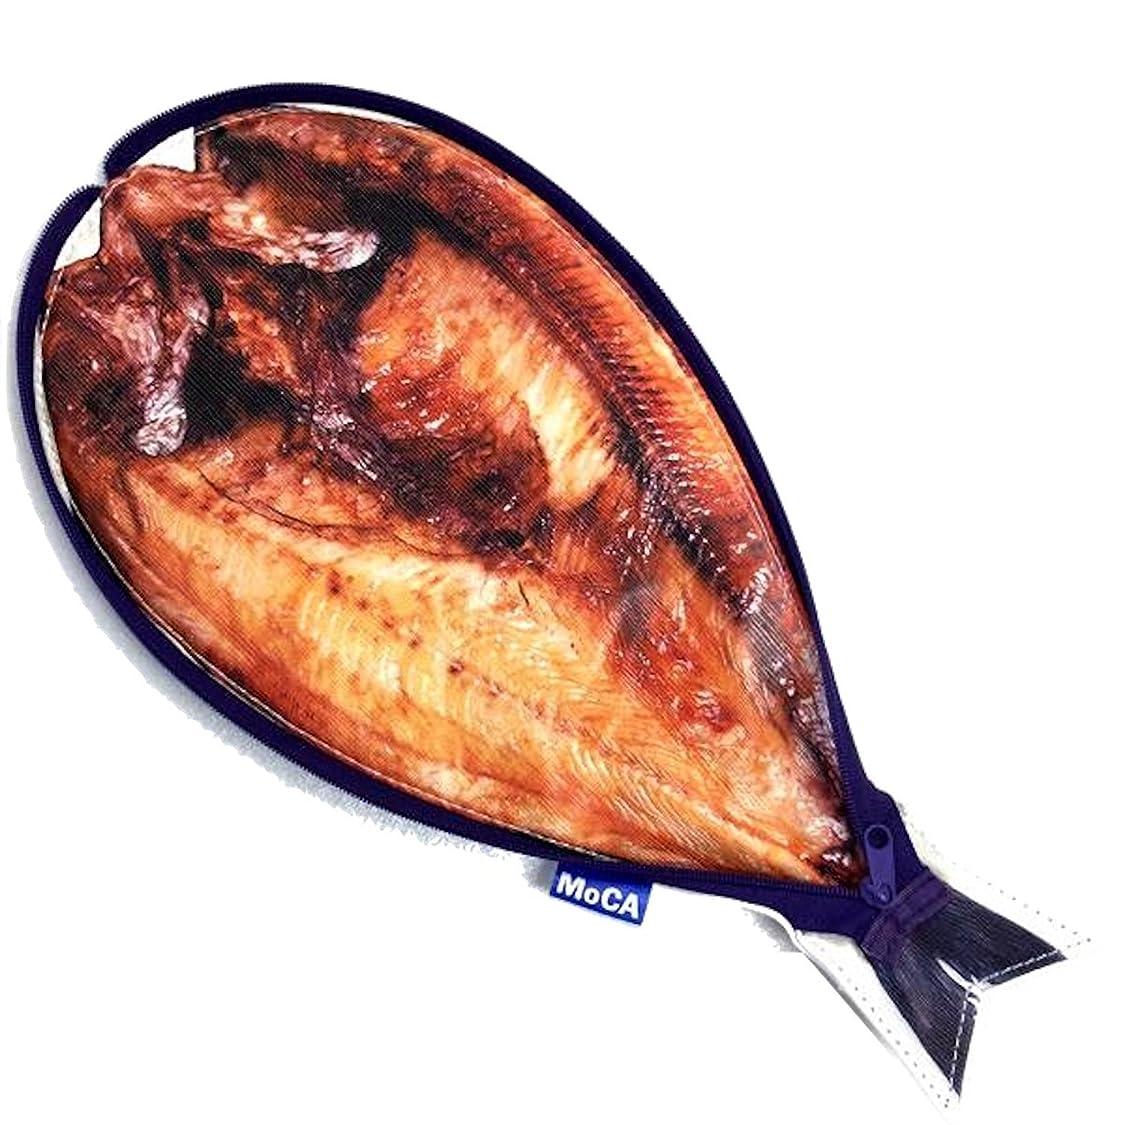 とらえどころのないレール波紋妄想工作所 魚ケース 【 ホッケ 】 ペンポーチ 魚ポーチ MoCA